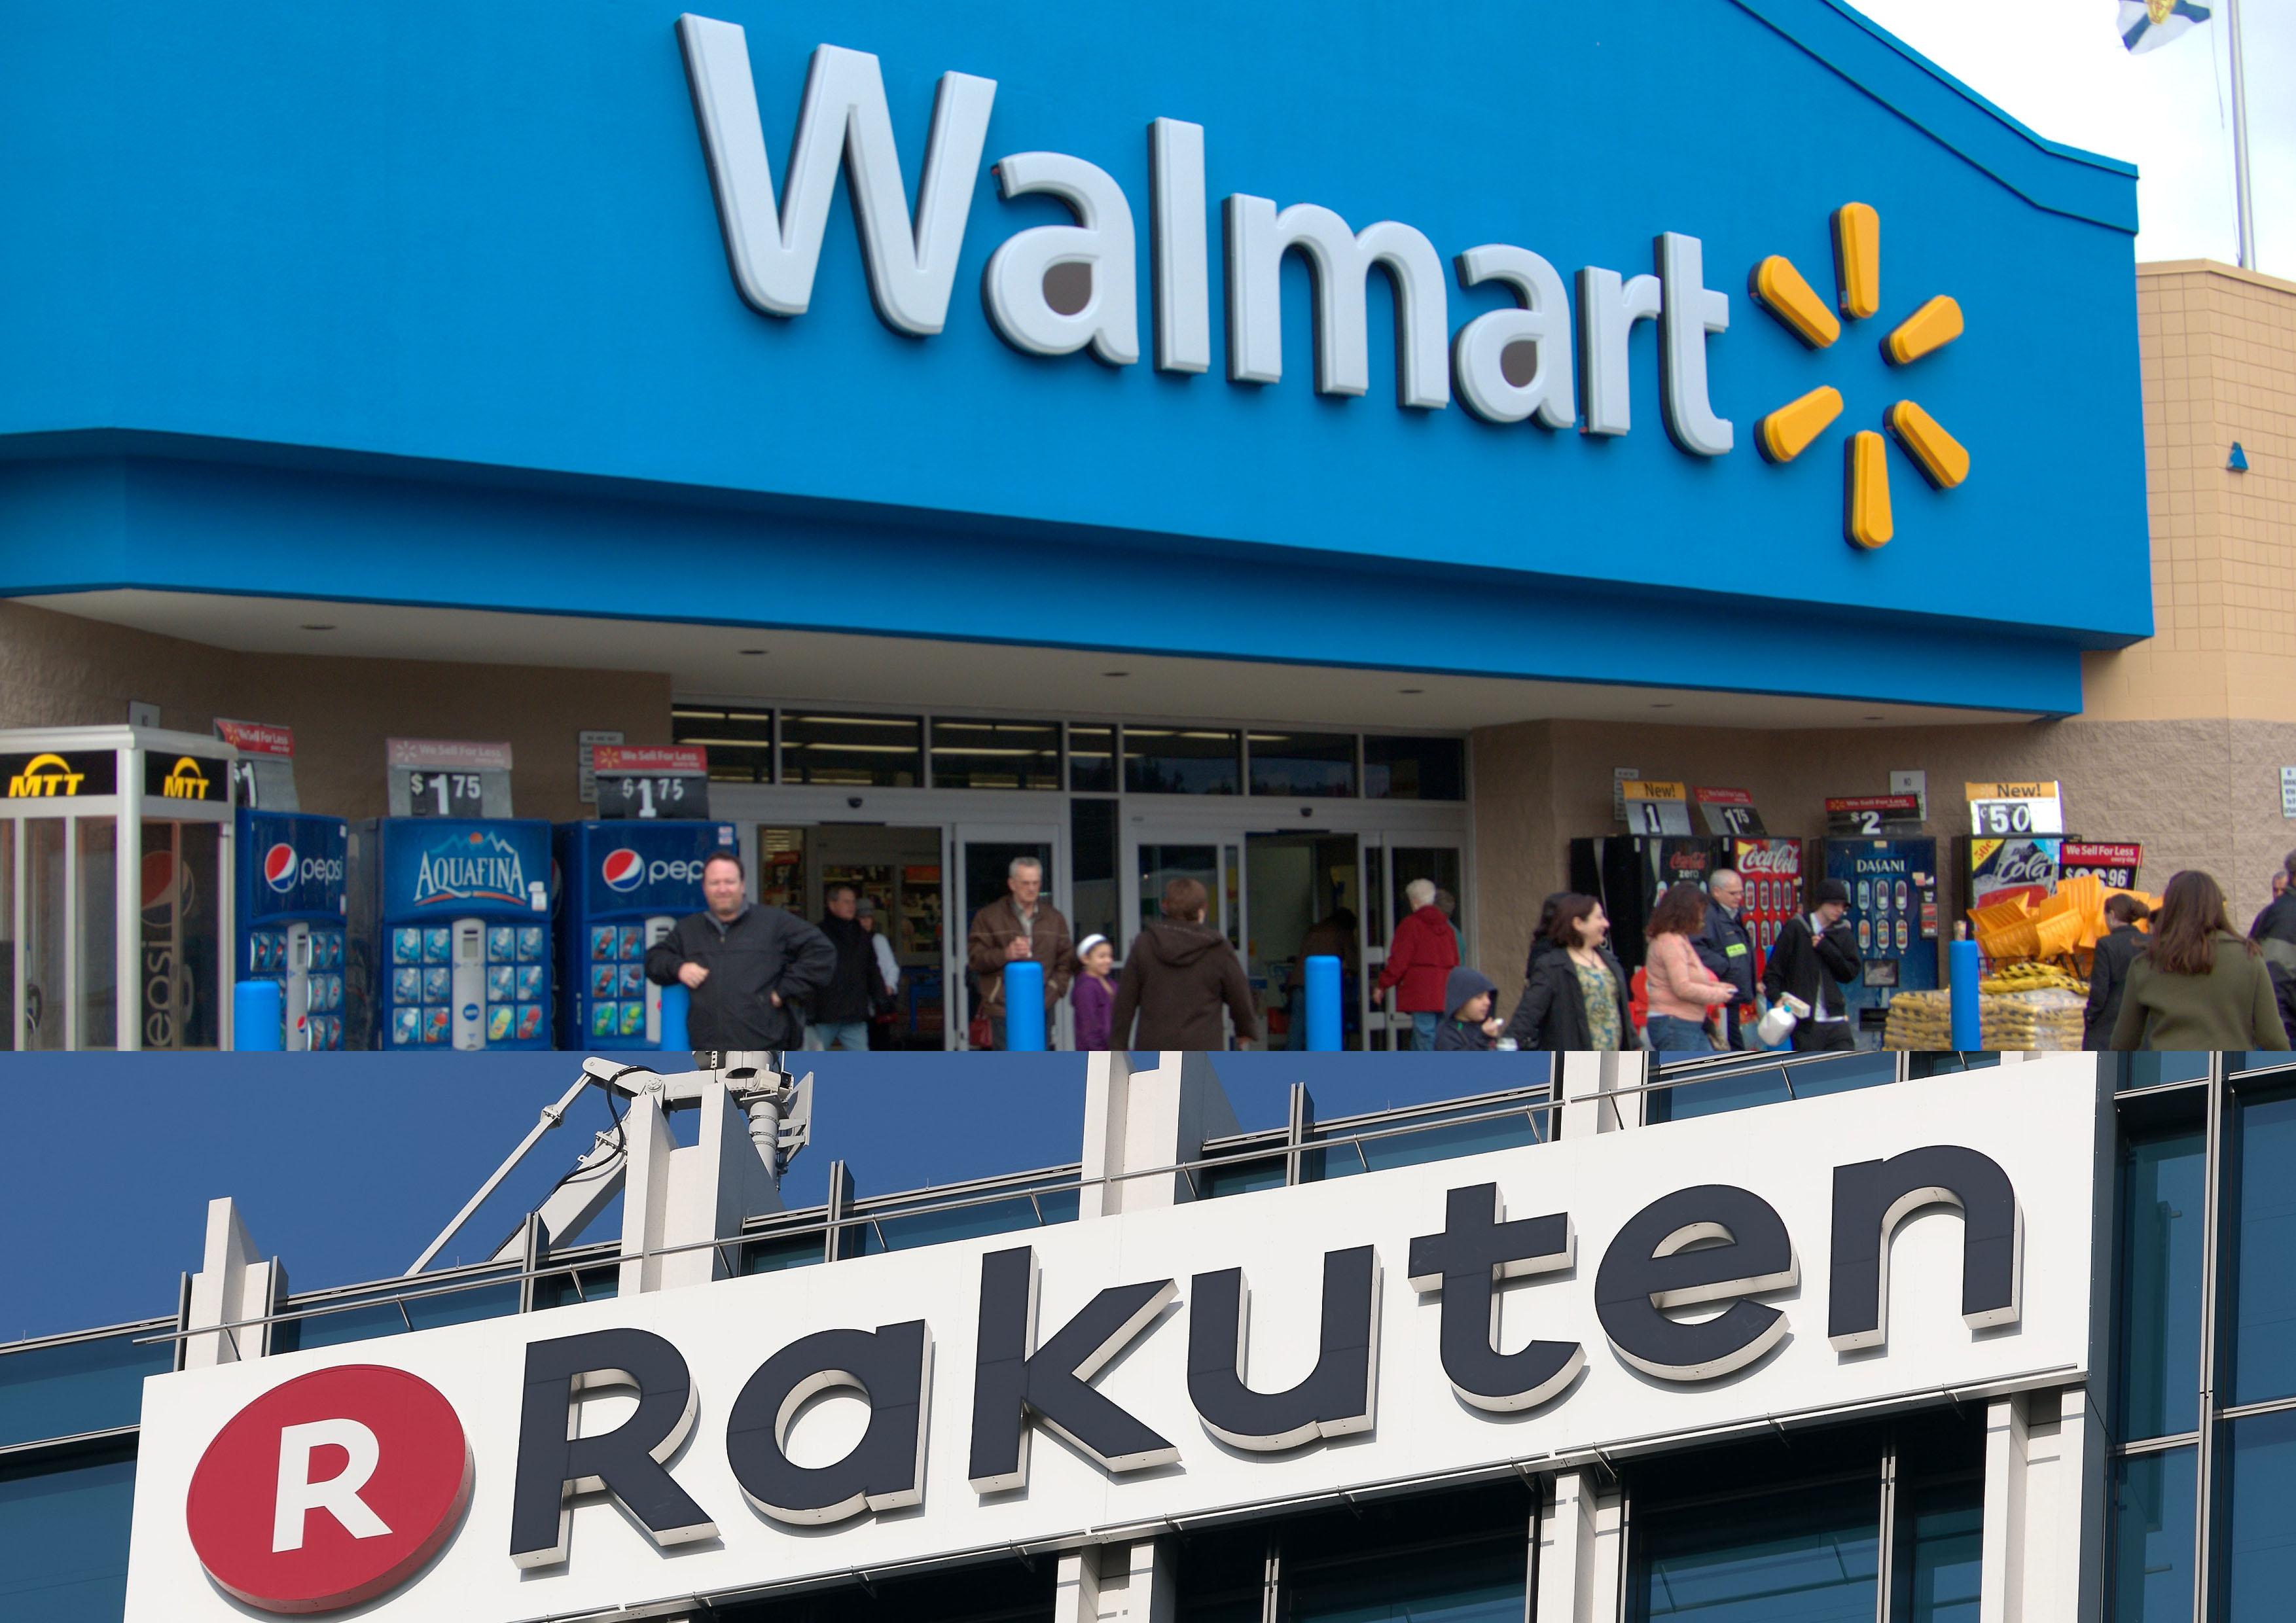 fusion - Walmart se alía con Rakuten para desafiar a Amazon